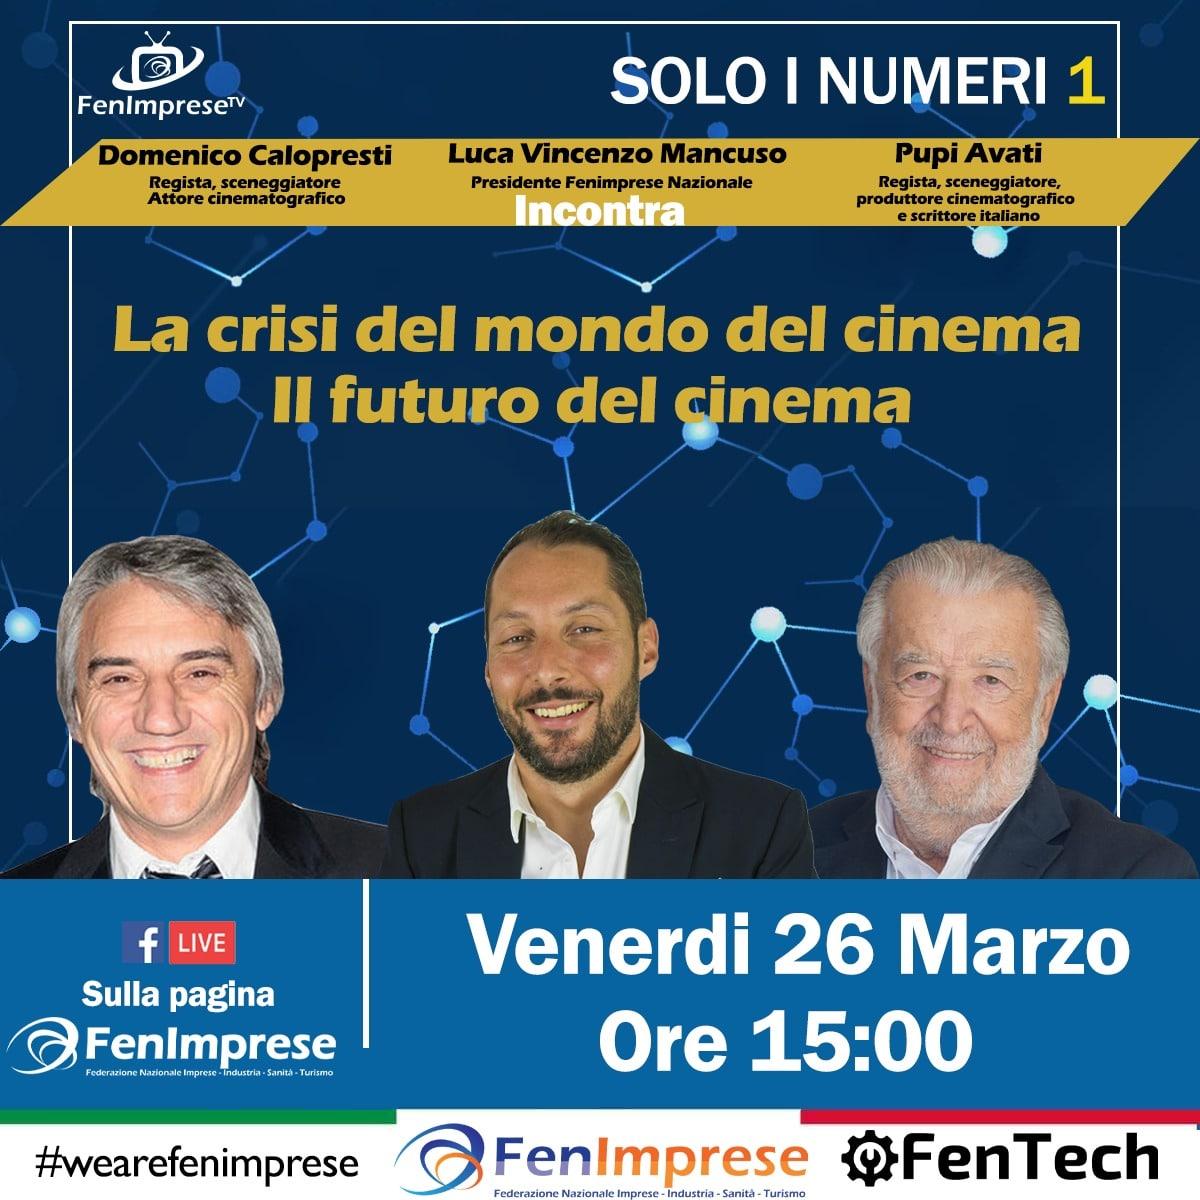 Pupi Avati, Luca Mancuso e Domenico Calopresti si sono incontrati per discutere della crisi del cinema.